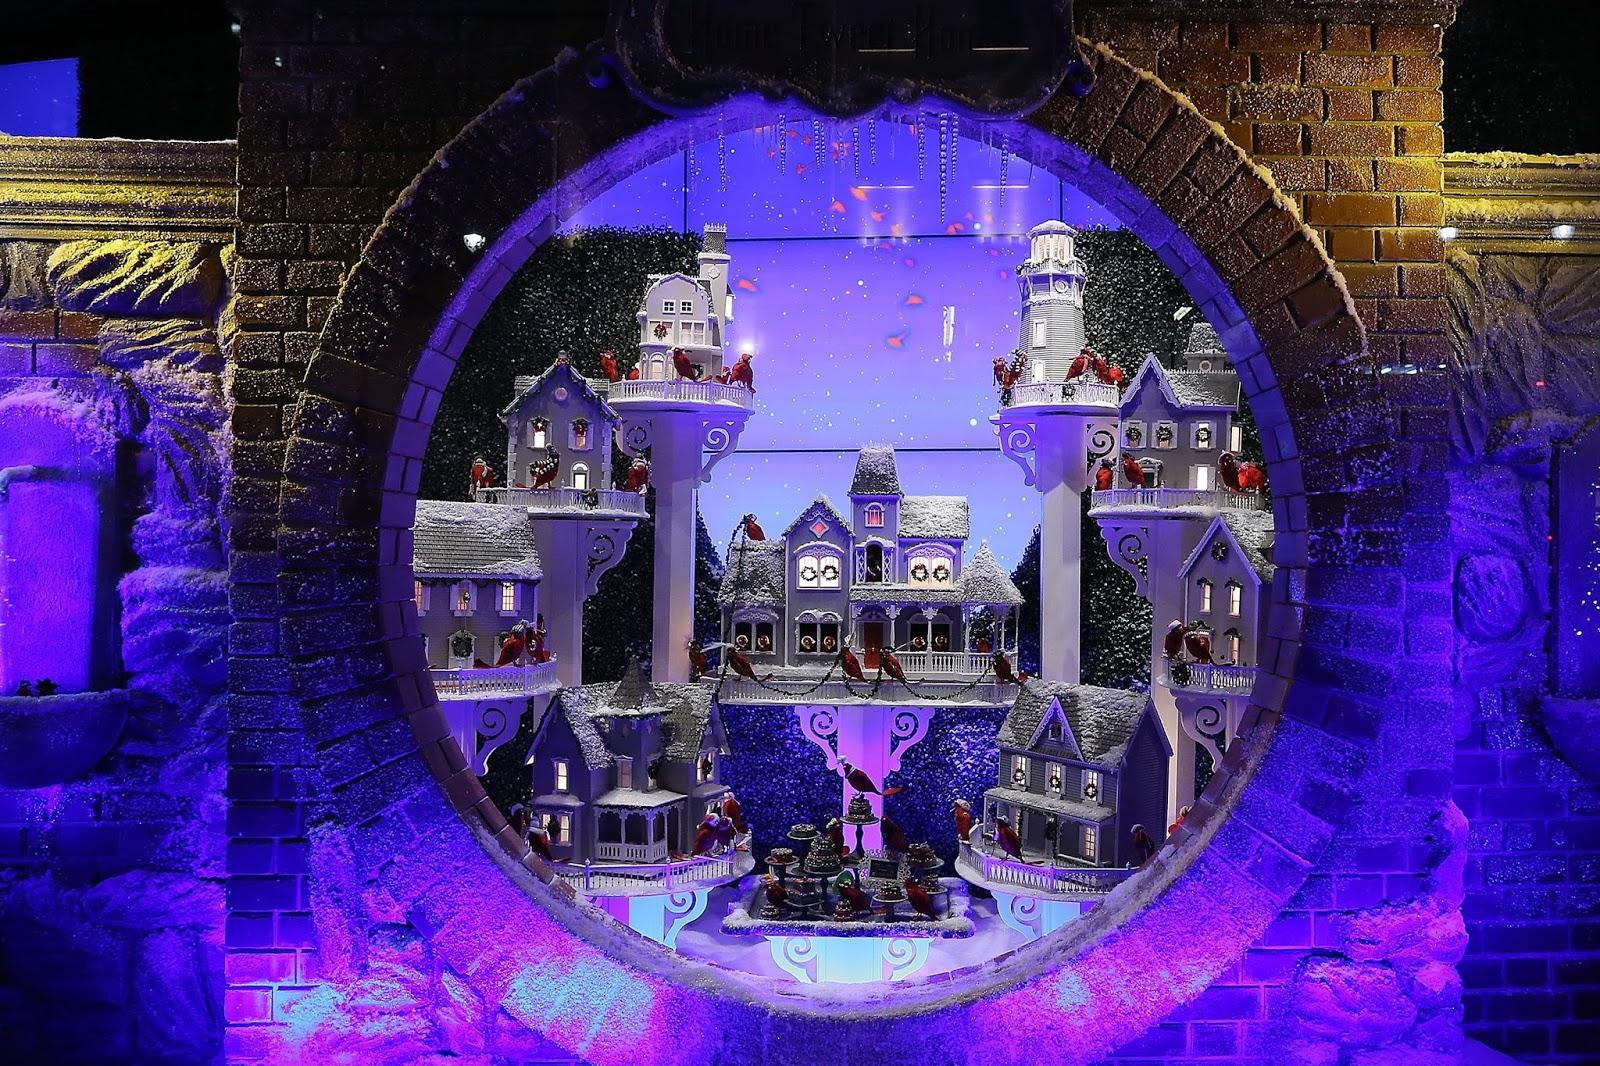 #340FBC L' Esprit De Noël à New York #1: Les Vitrines Et Les  5469 decorations de noel new york 1600x1066 px @ aertt.com